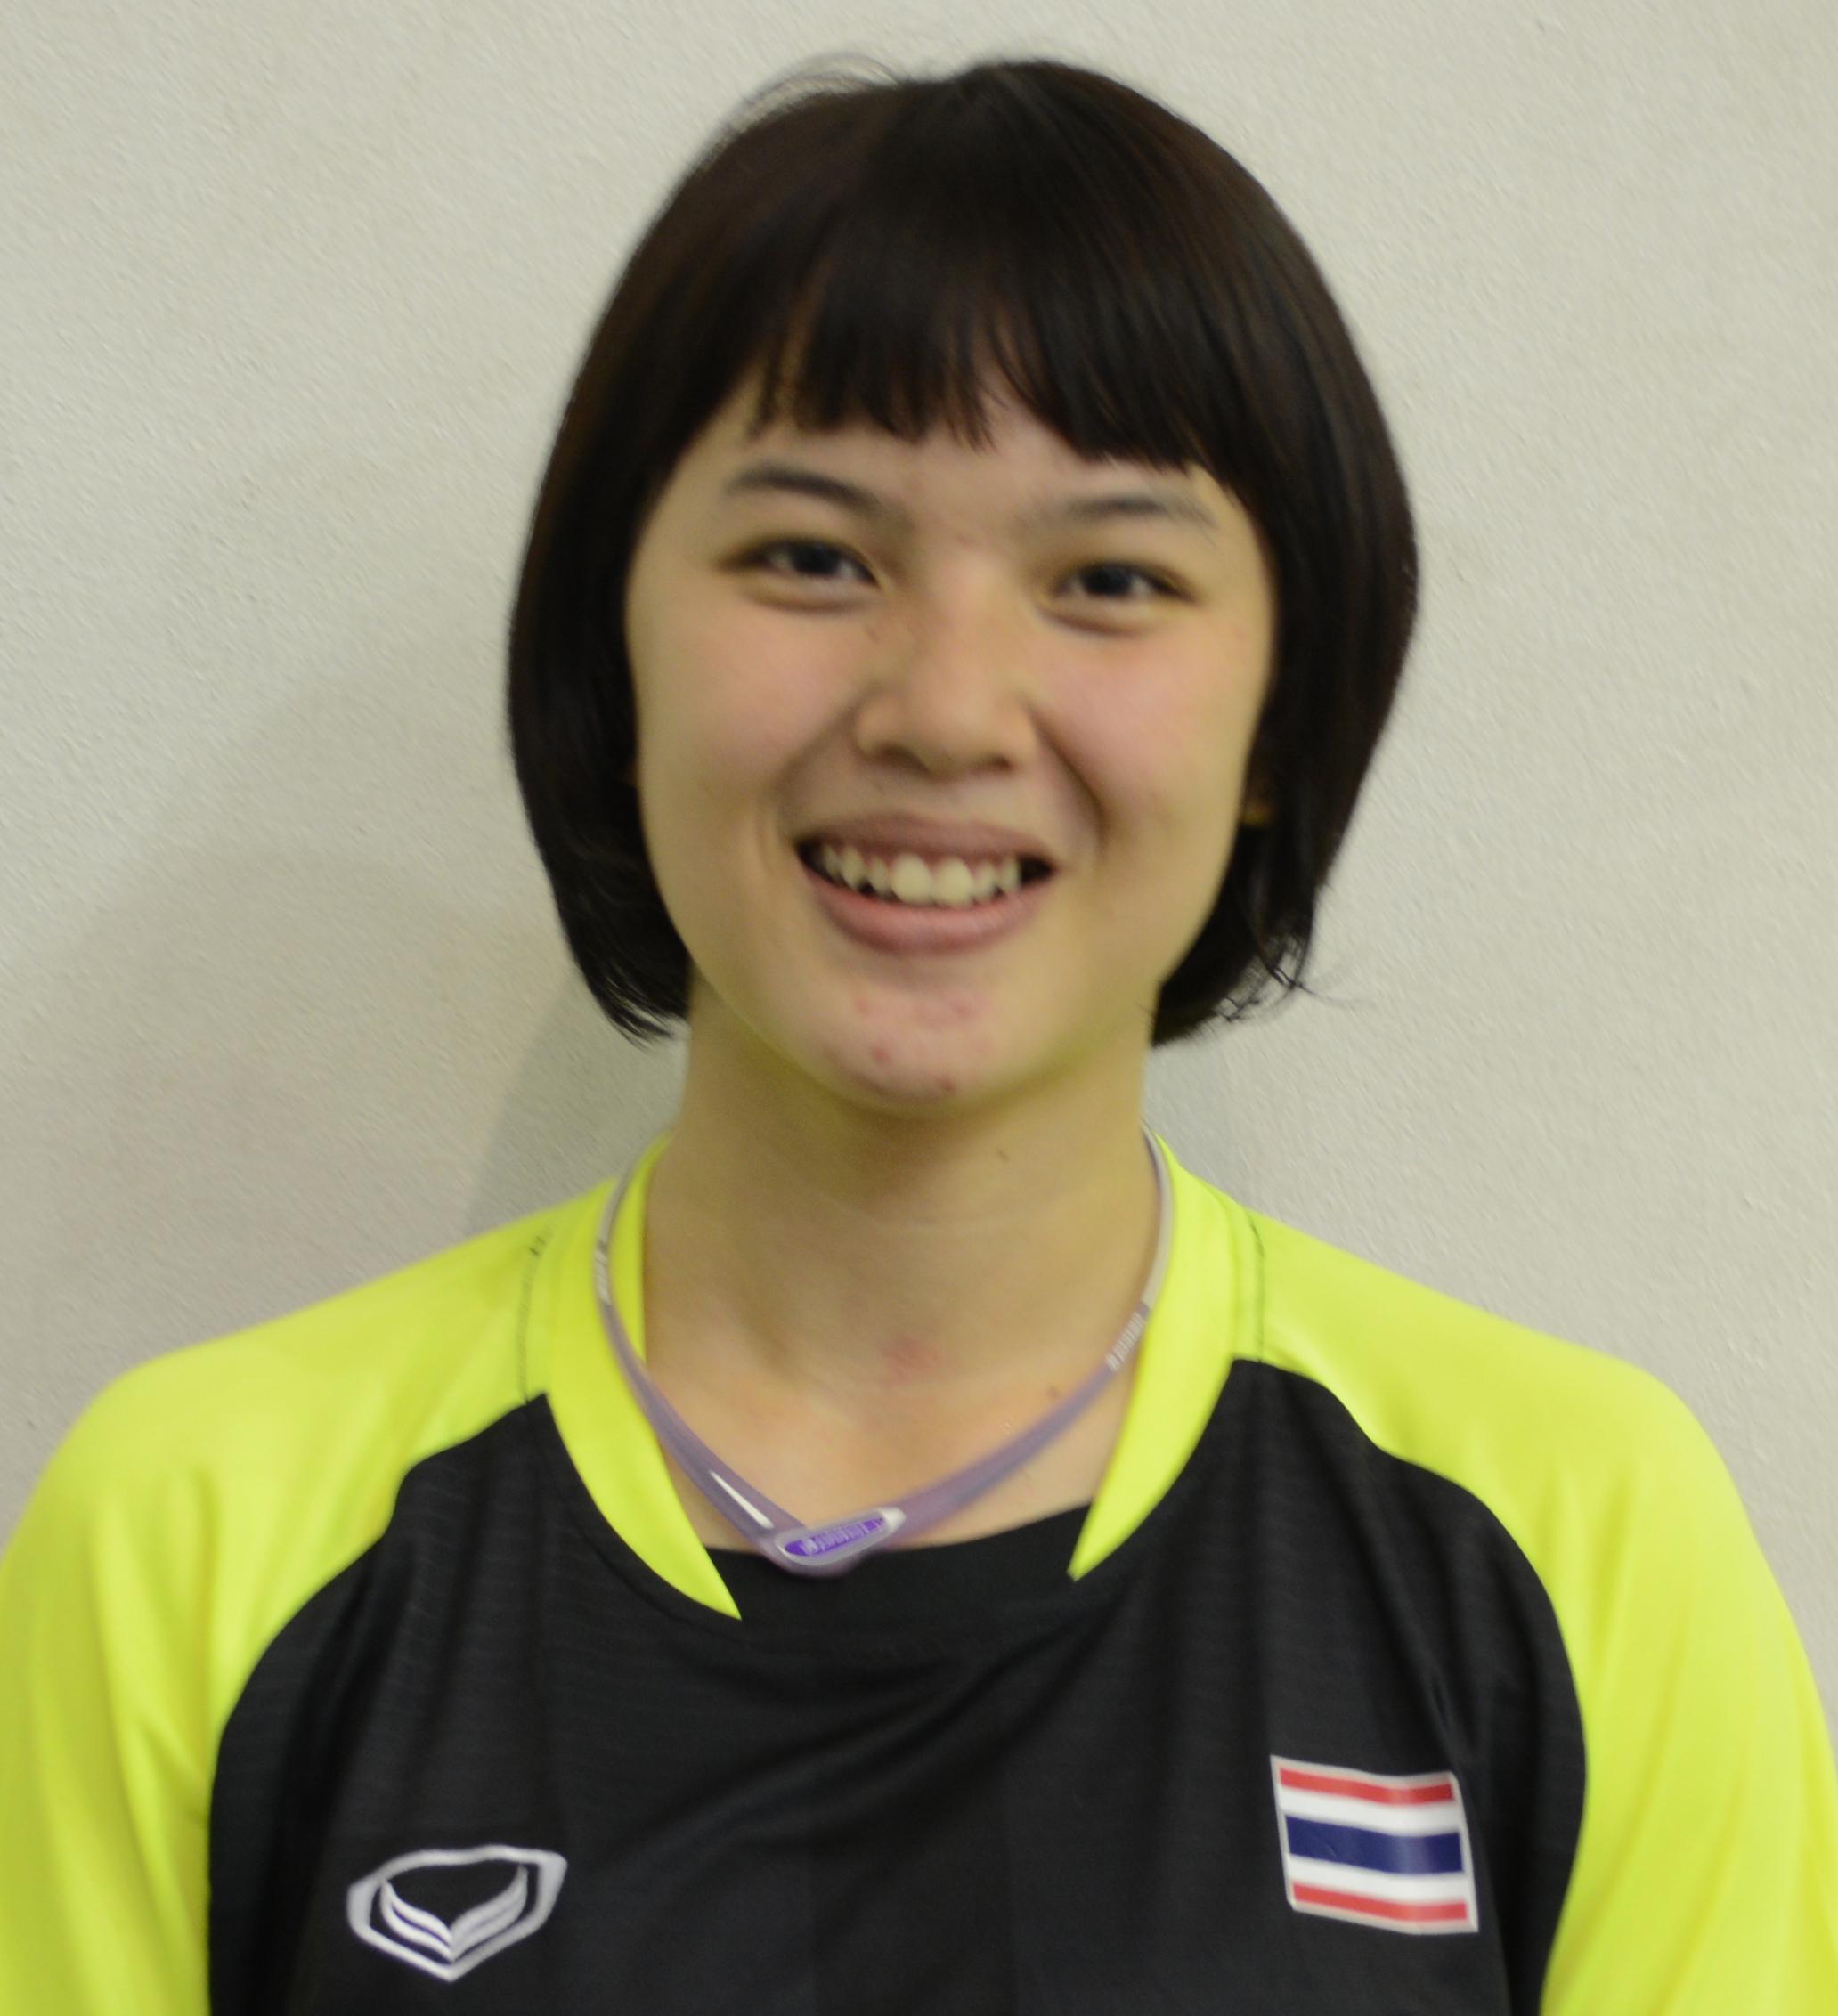 Pattiya Juangjan